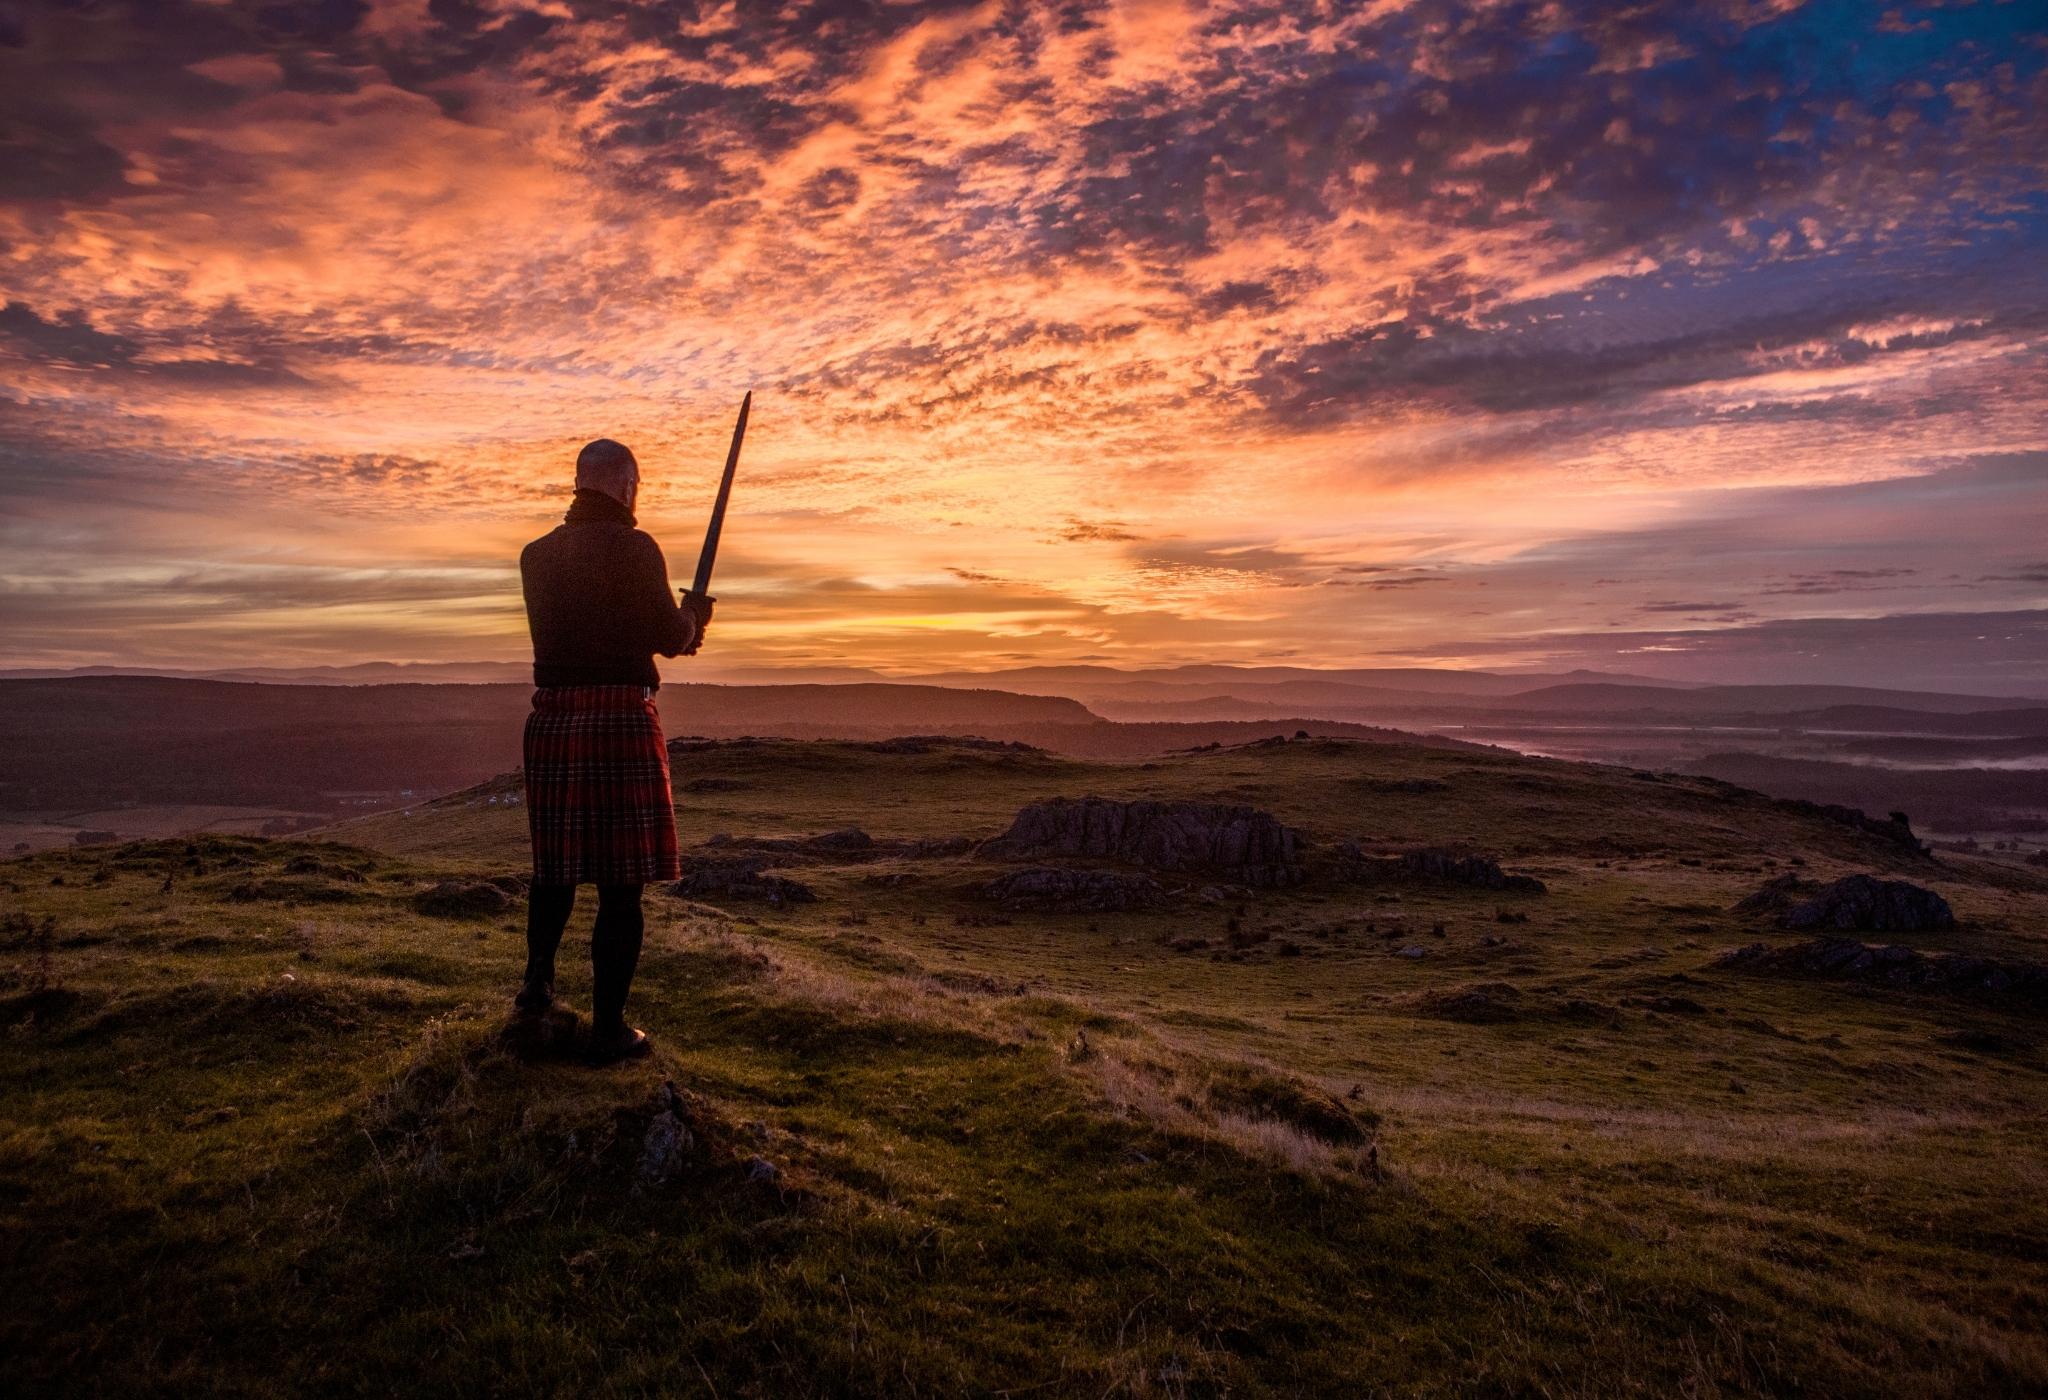 guerreiro vai commando em um kilt